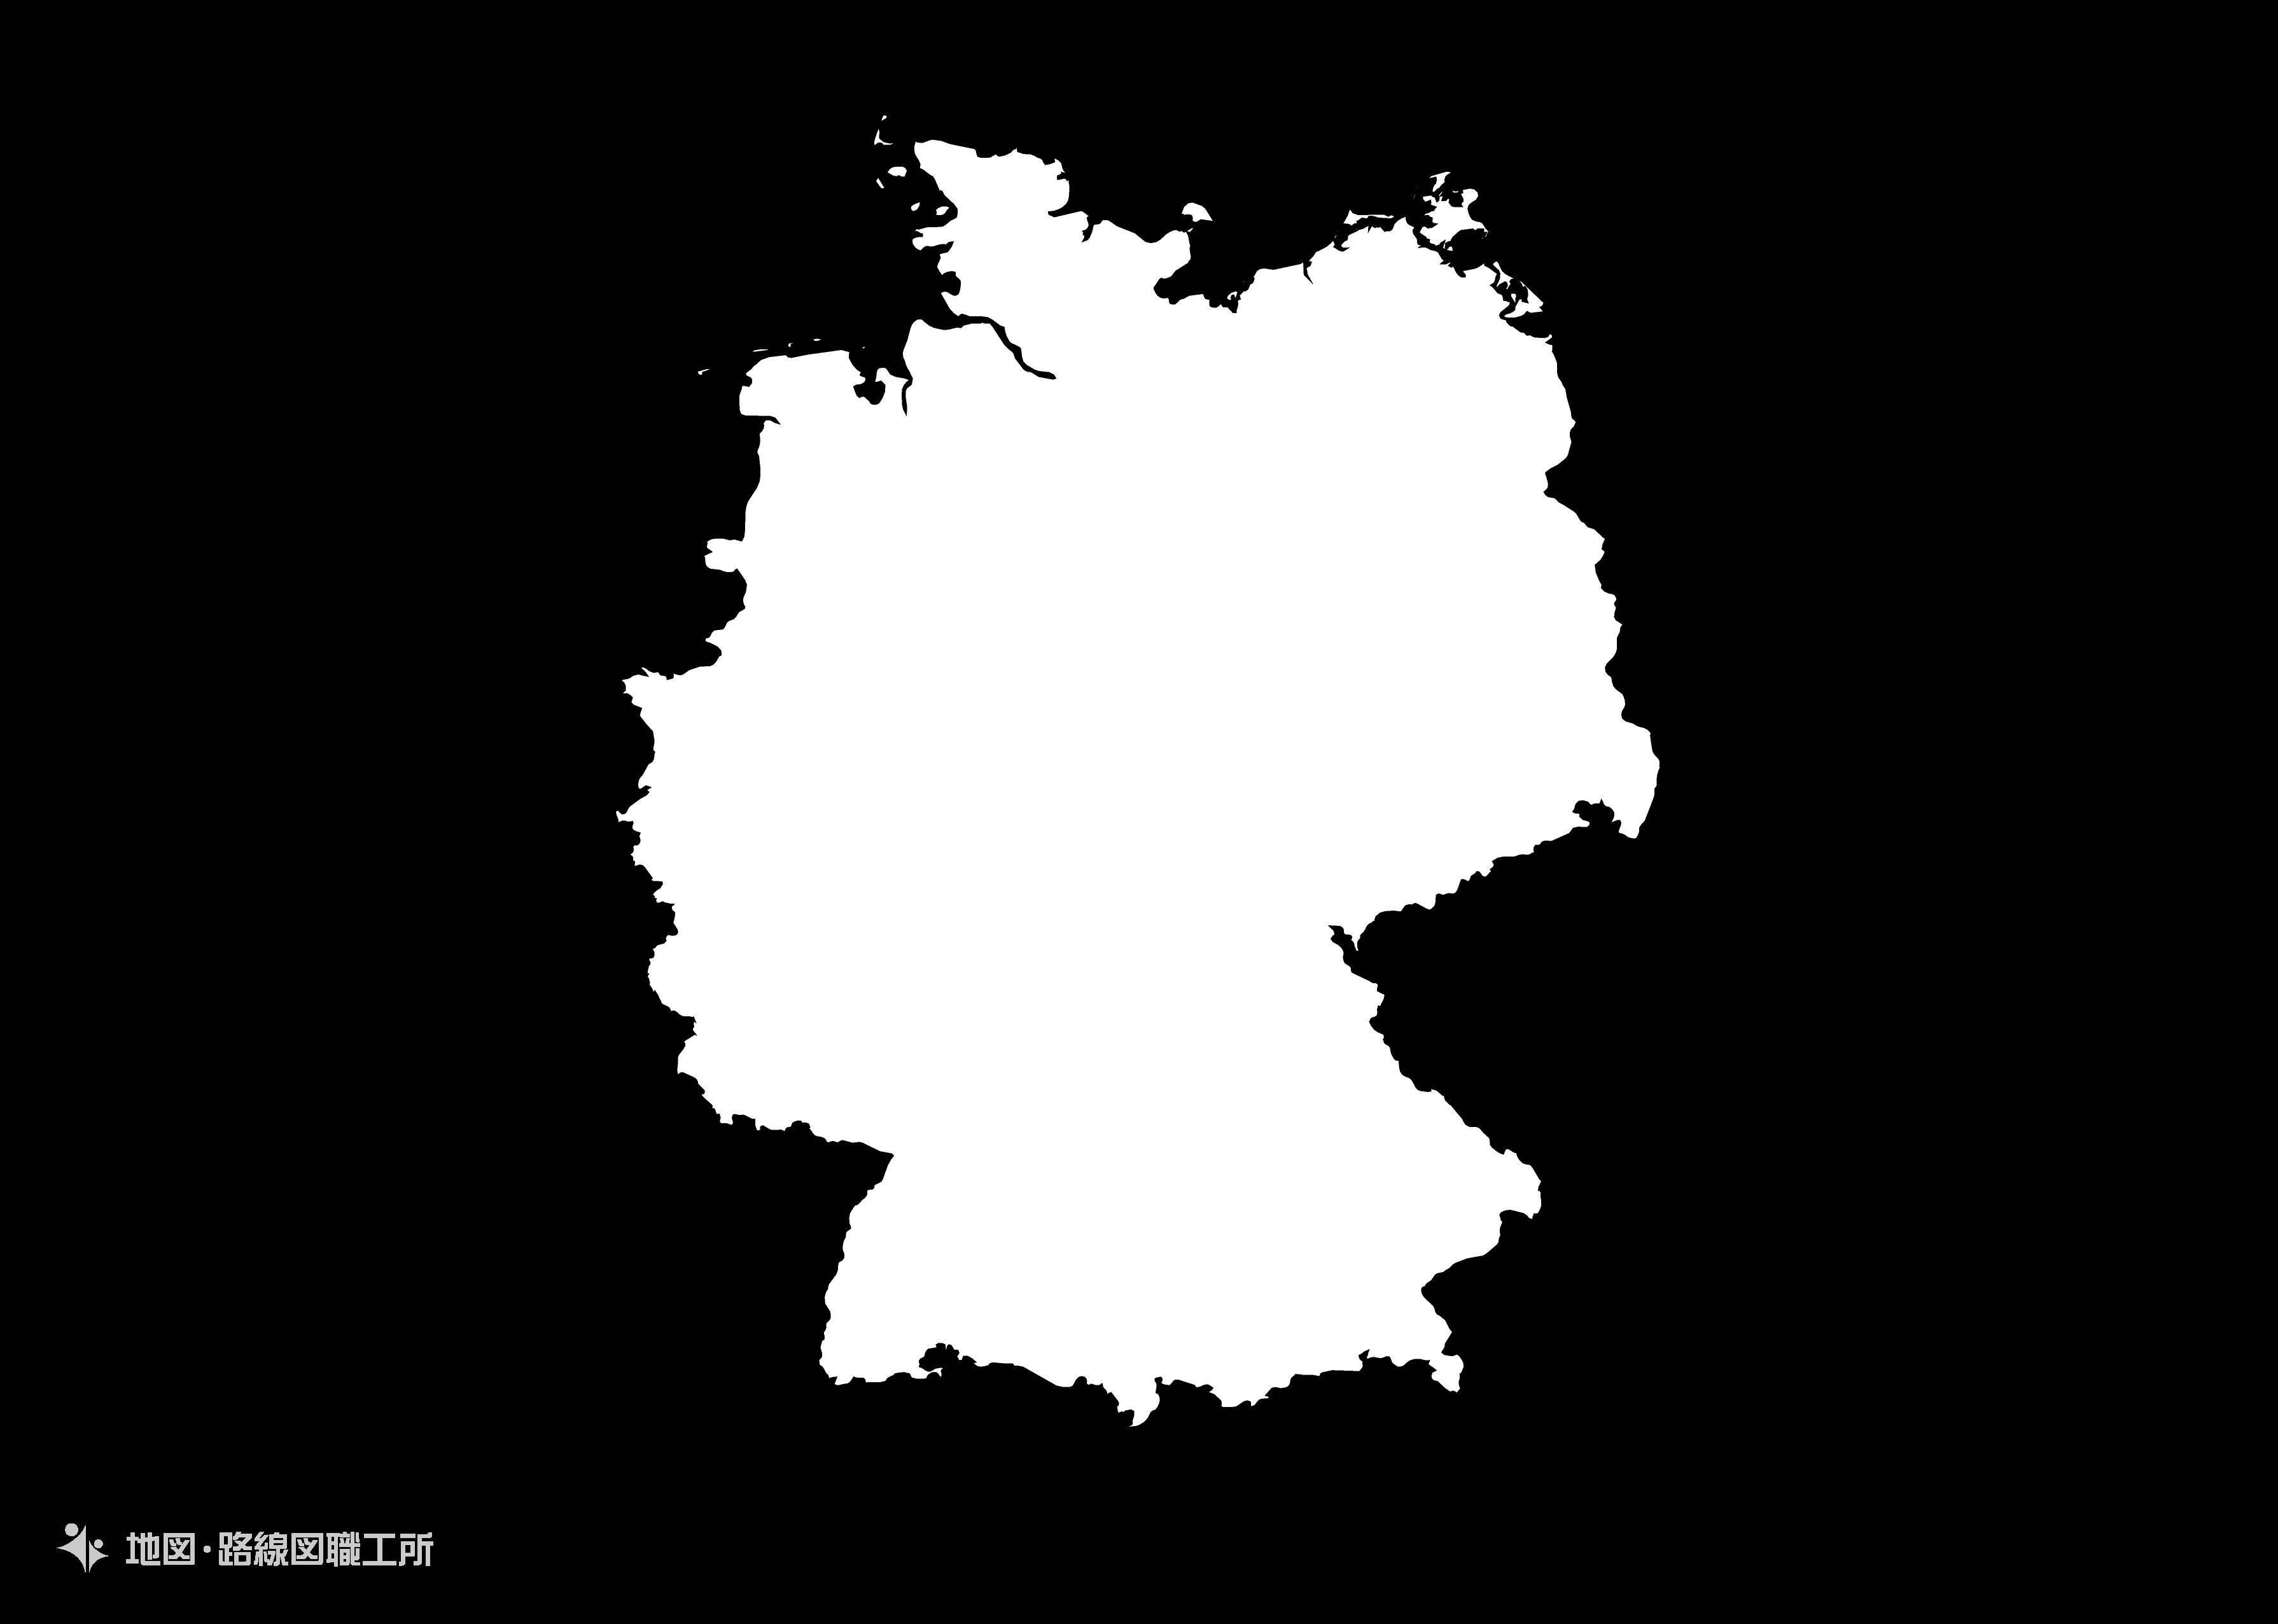 世界の白地図 ドイツ連邦共和国 federal-republic-of-germany map